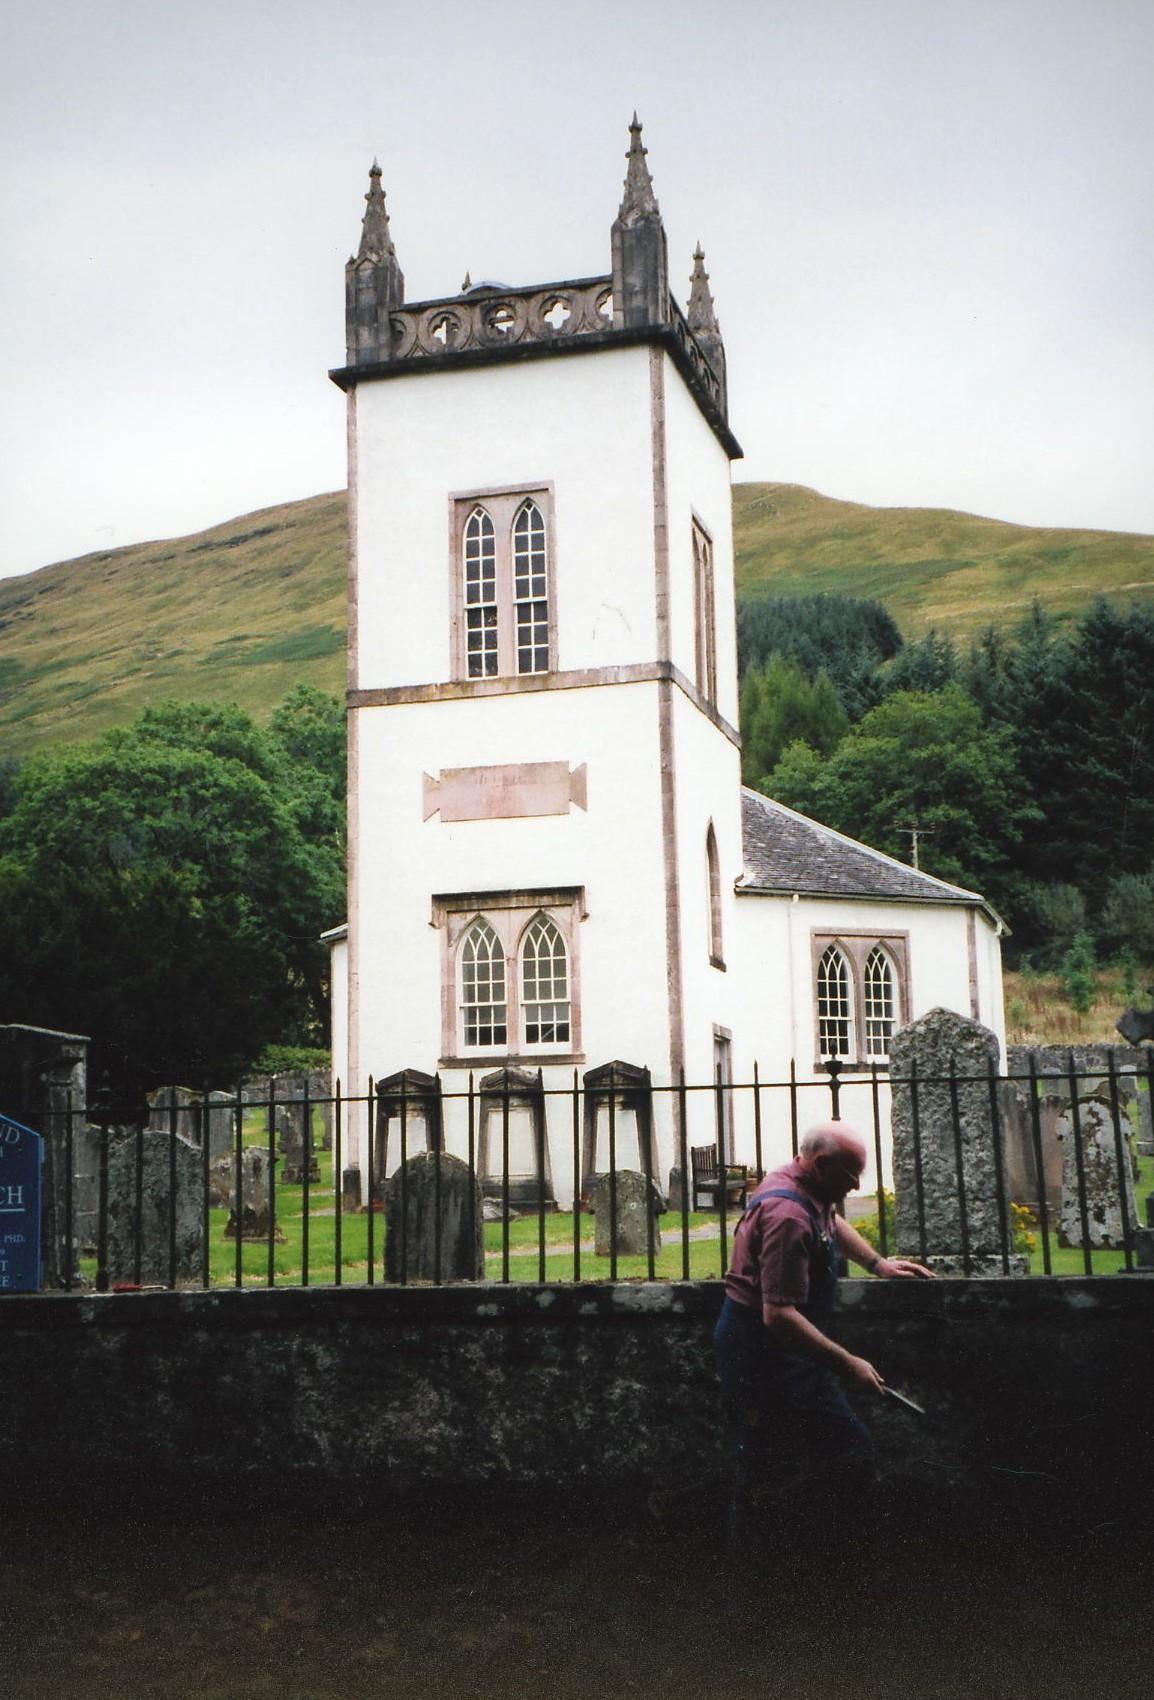 Taking banking away at Kilmorich Church